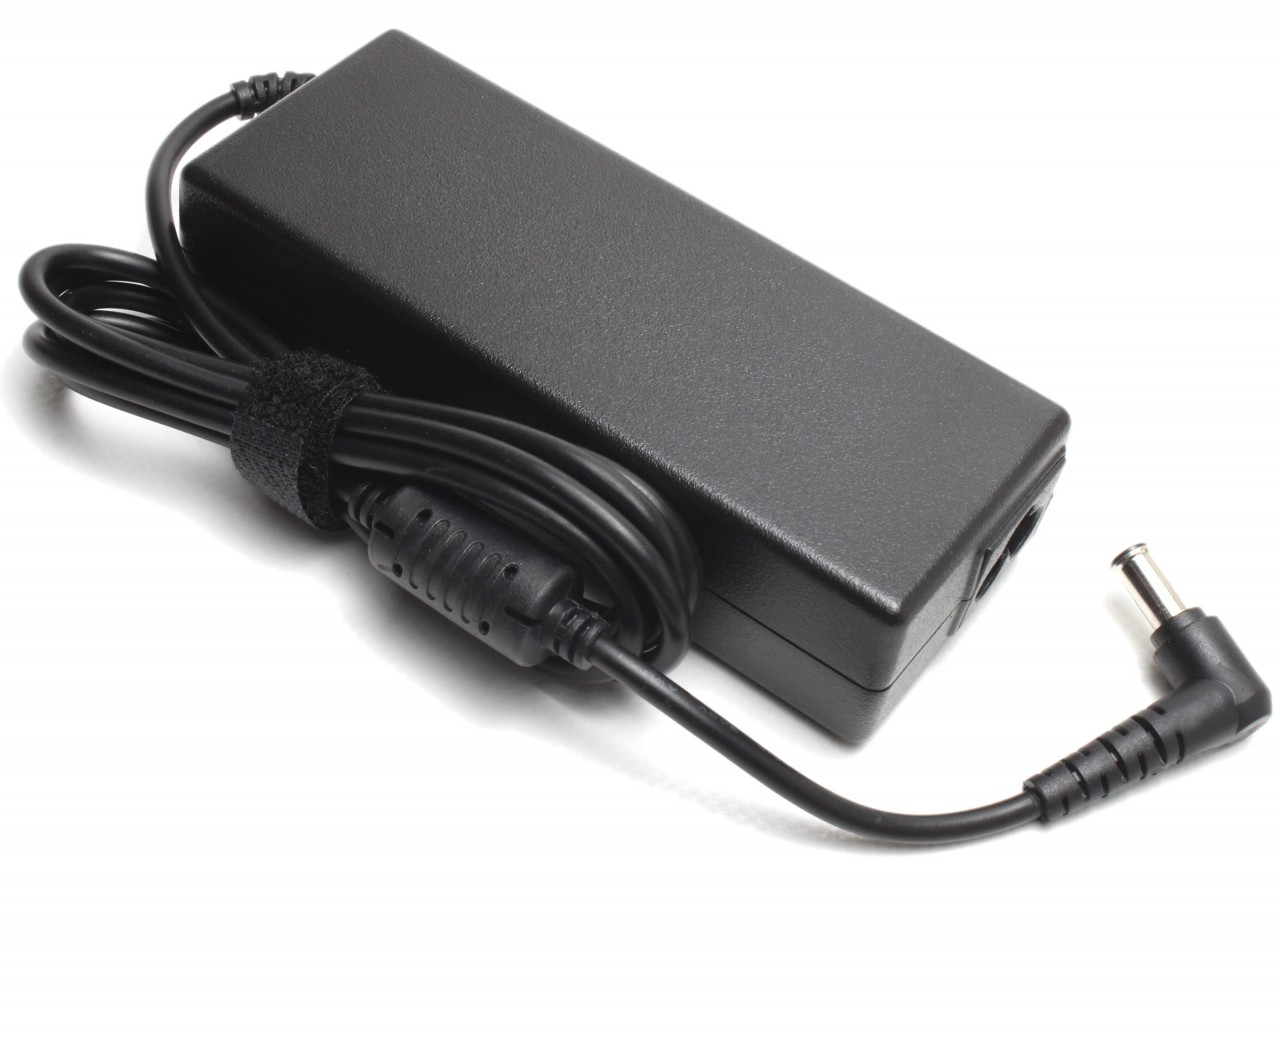 Incarcator Sony Vaio VPCEG1BFX/B Replacement imagine powerlaptop.ro 2021